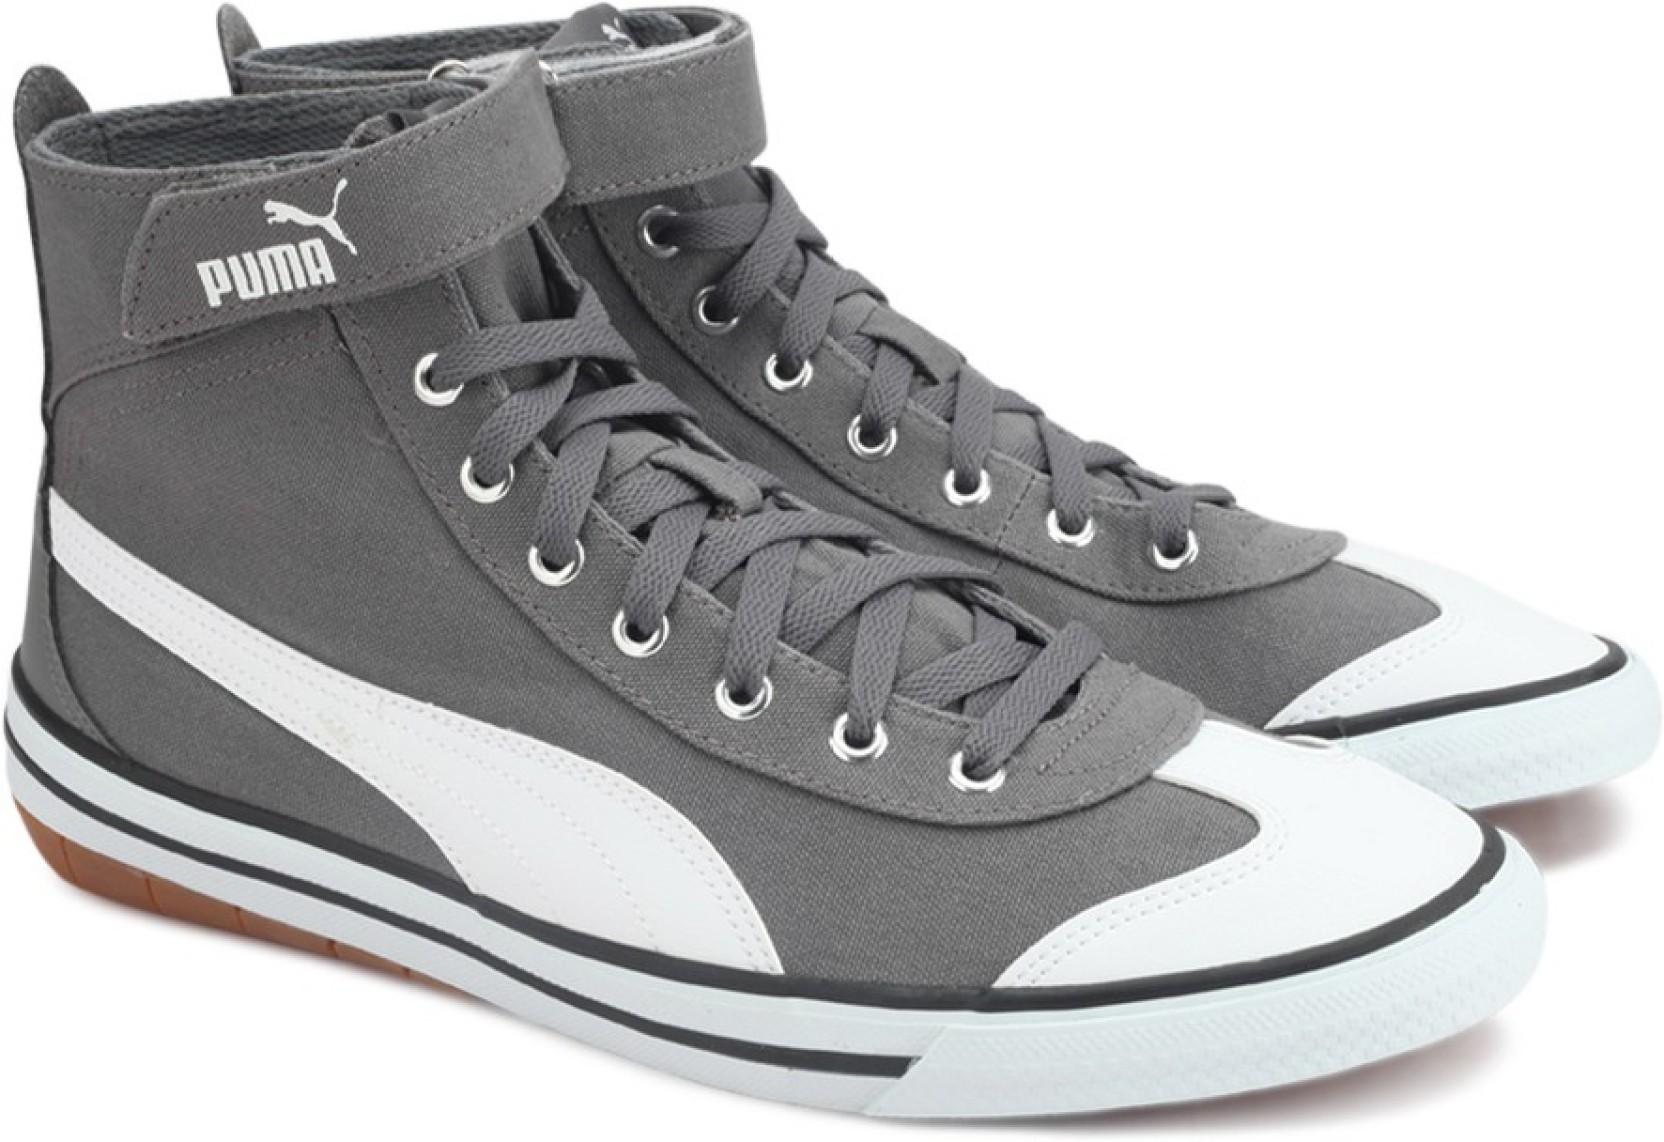 puma 917 fun mid idp sneakers - 62